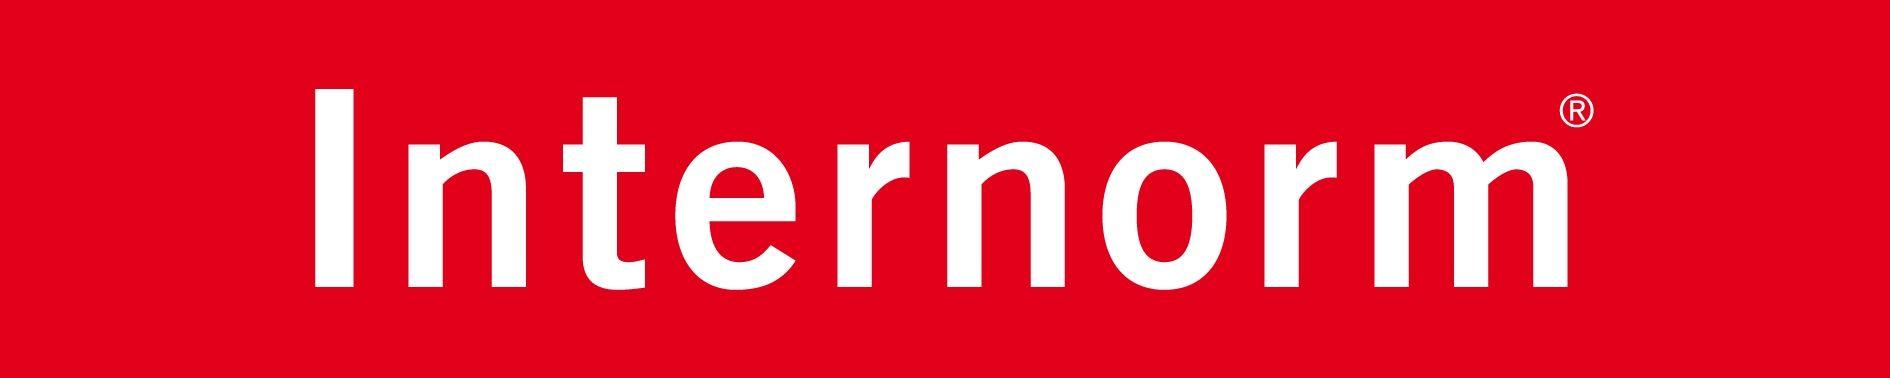 Partner: Internorm